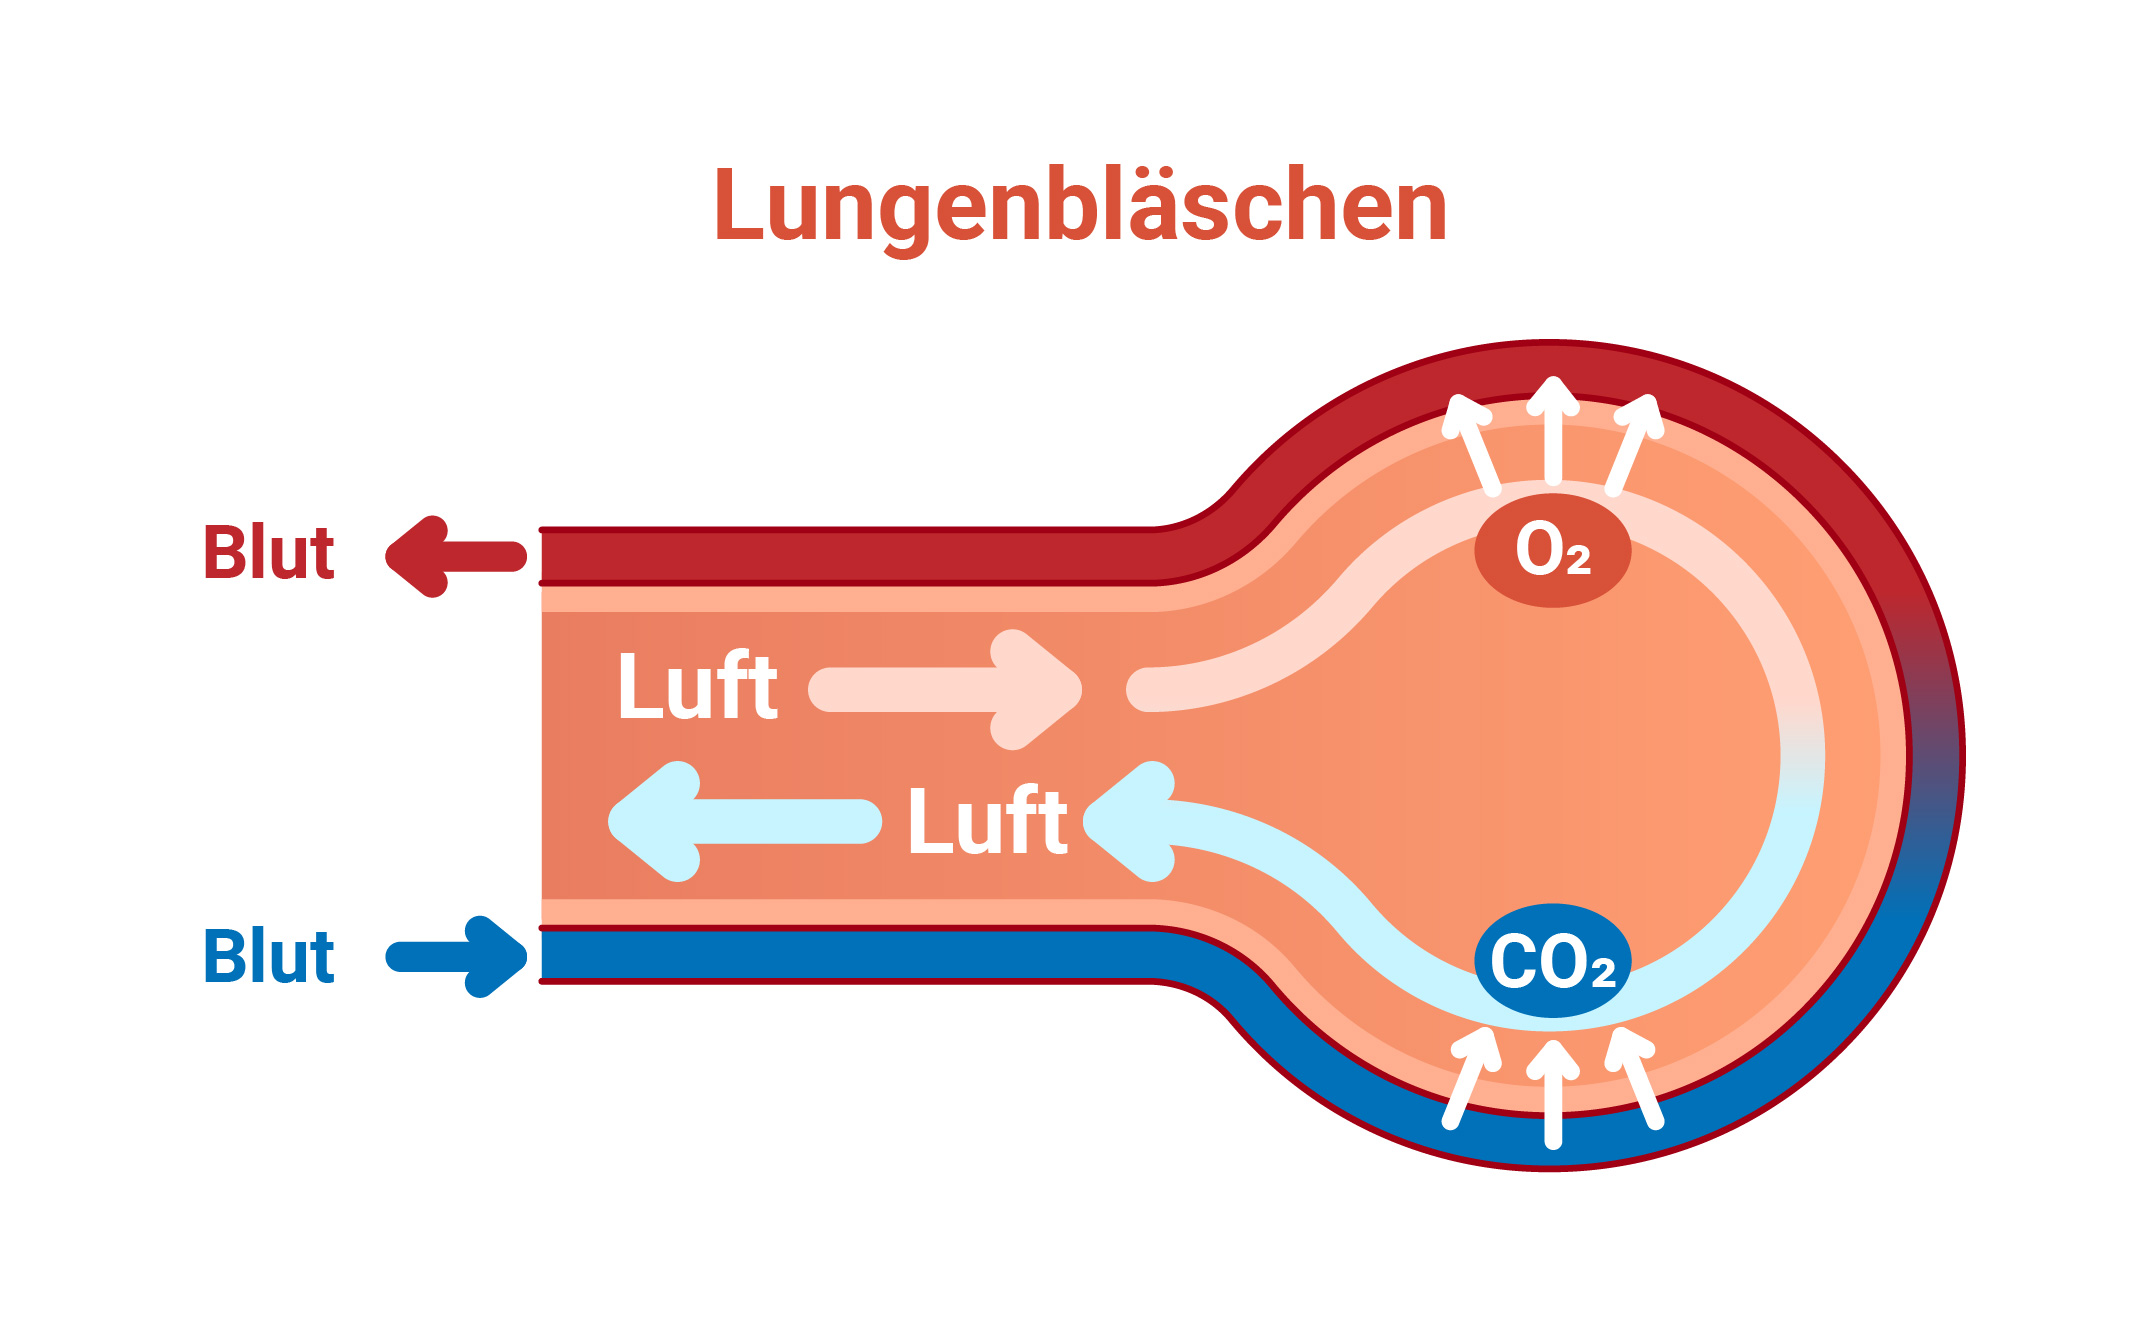 Grafische Darstellung der Abgabe von CO2 und Aufnahmen von O2 durch den Gasaustausch von Blut und Luft im Lungenbläschen.